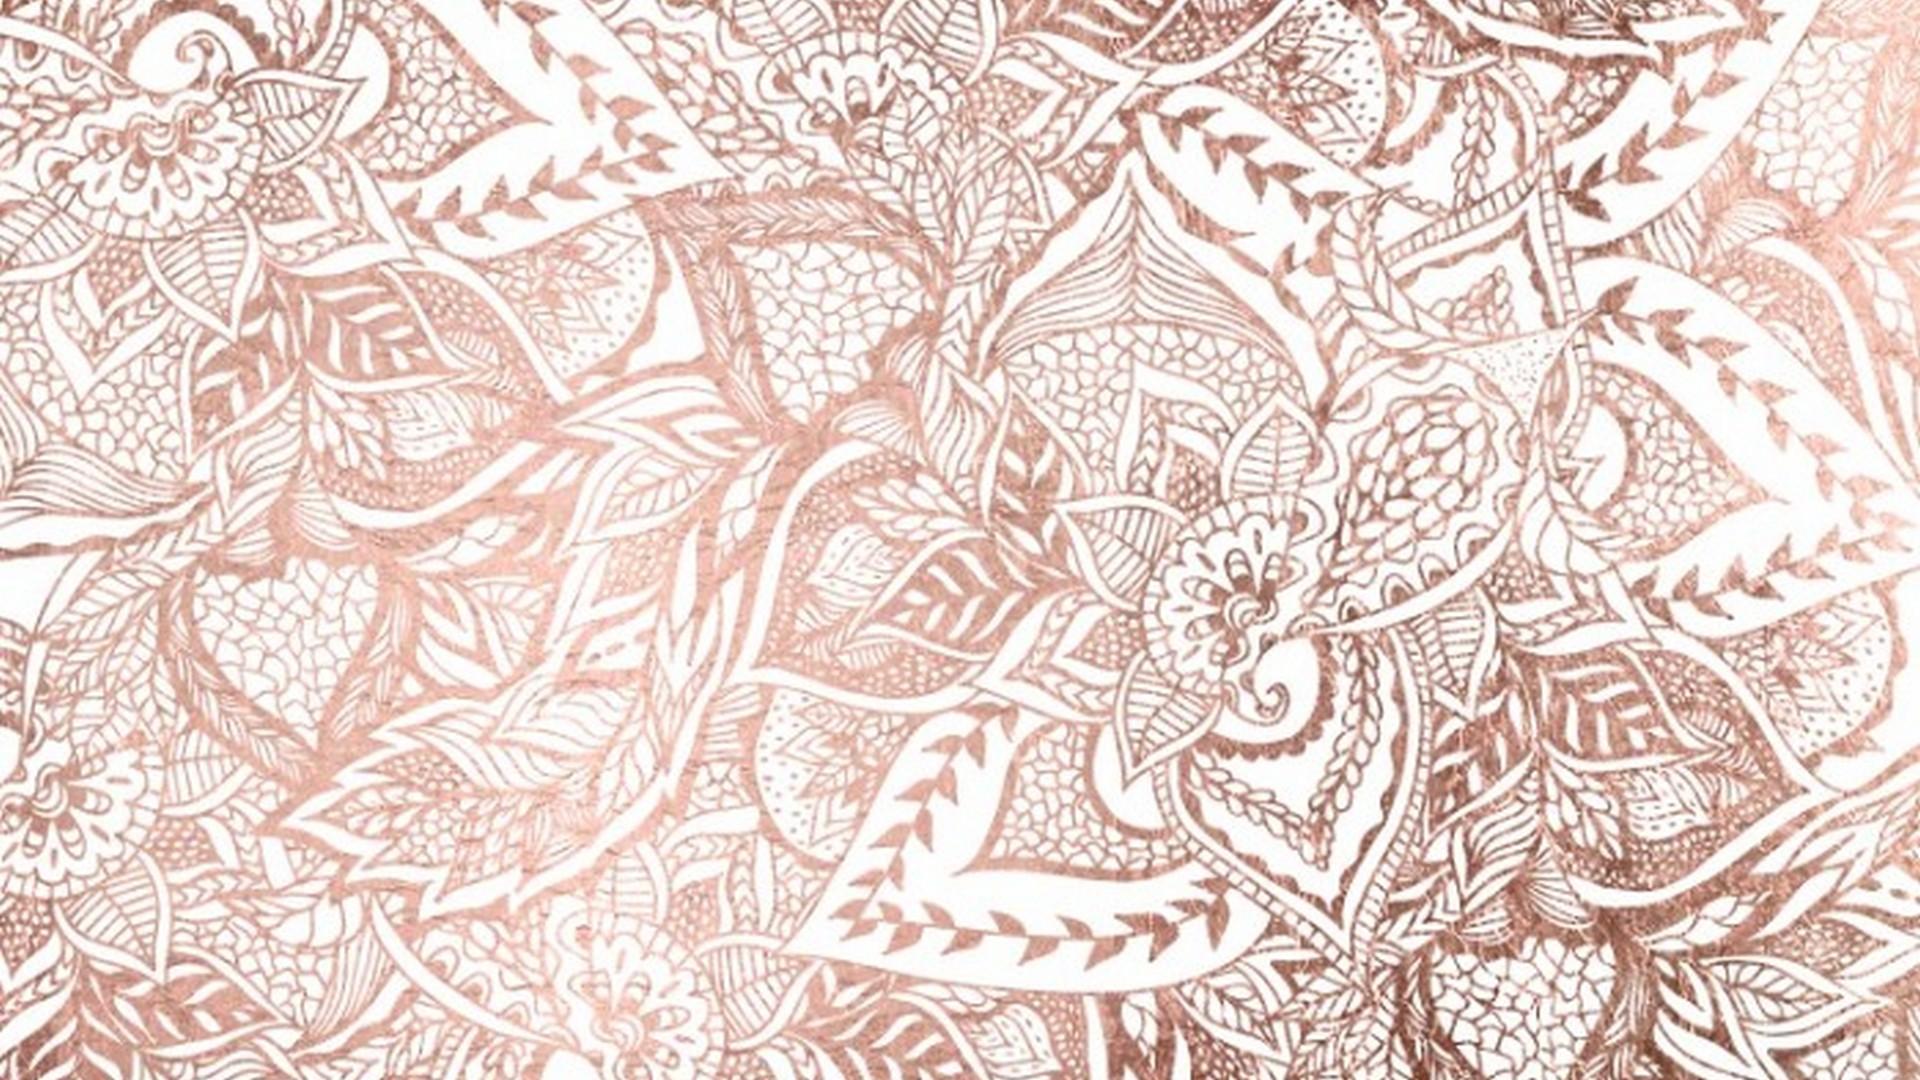 Rose Gold Desktop Background Tumblr